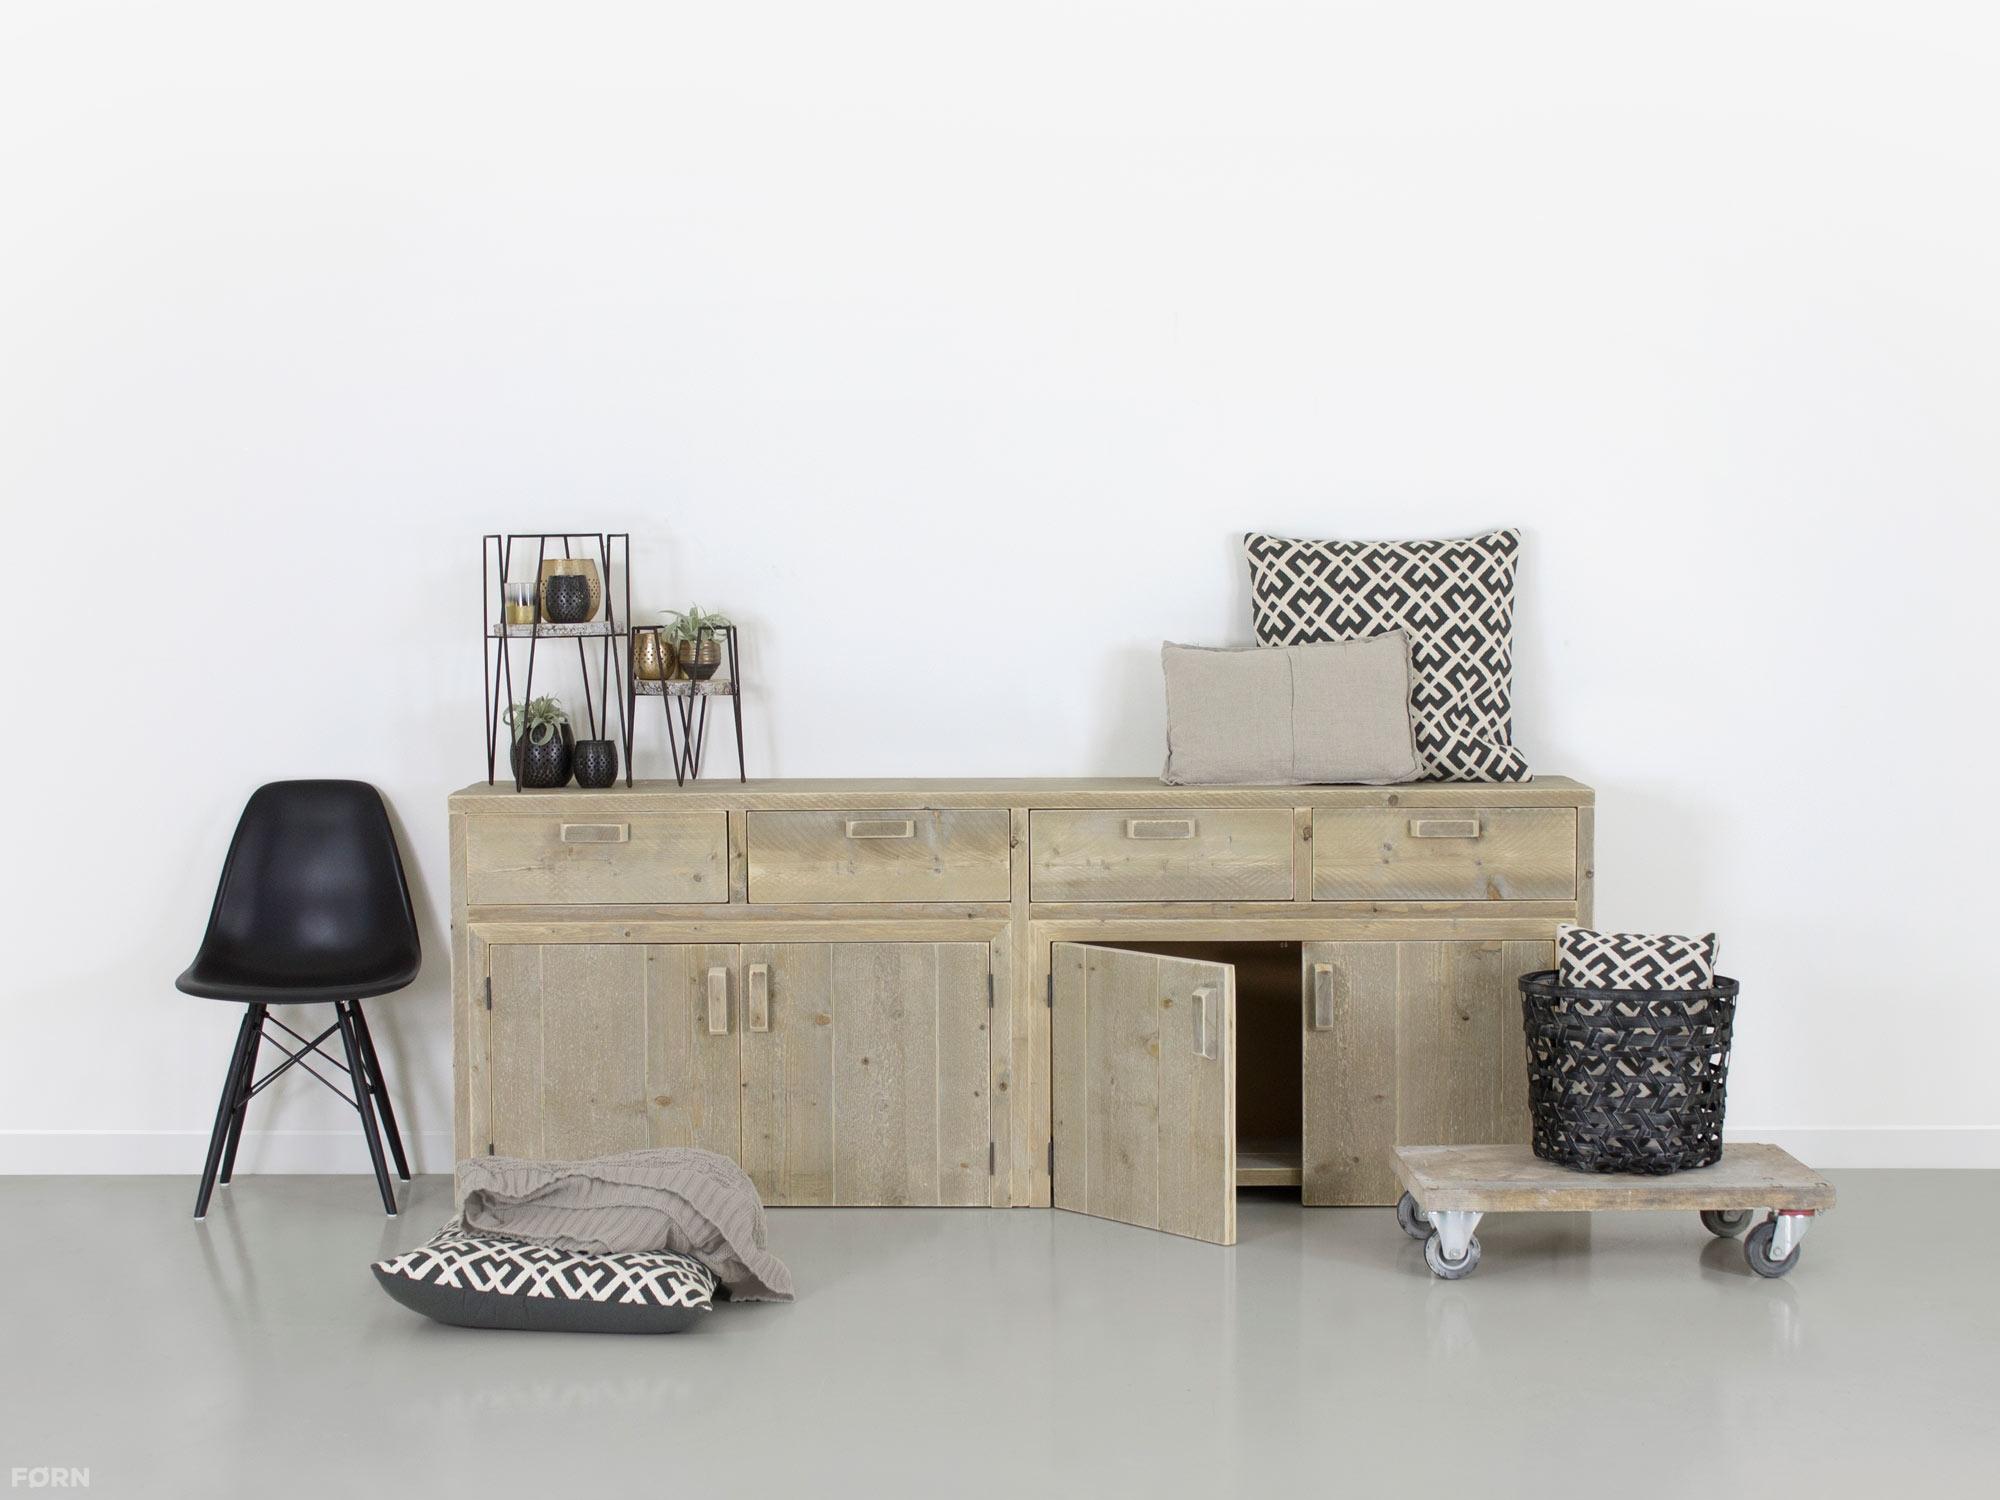 steigerhouten dressoirs van steigerhout -fØrn, Deco ideeën